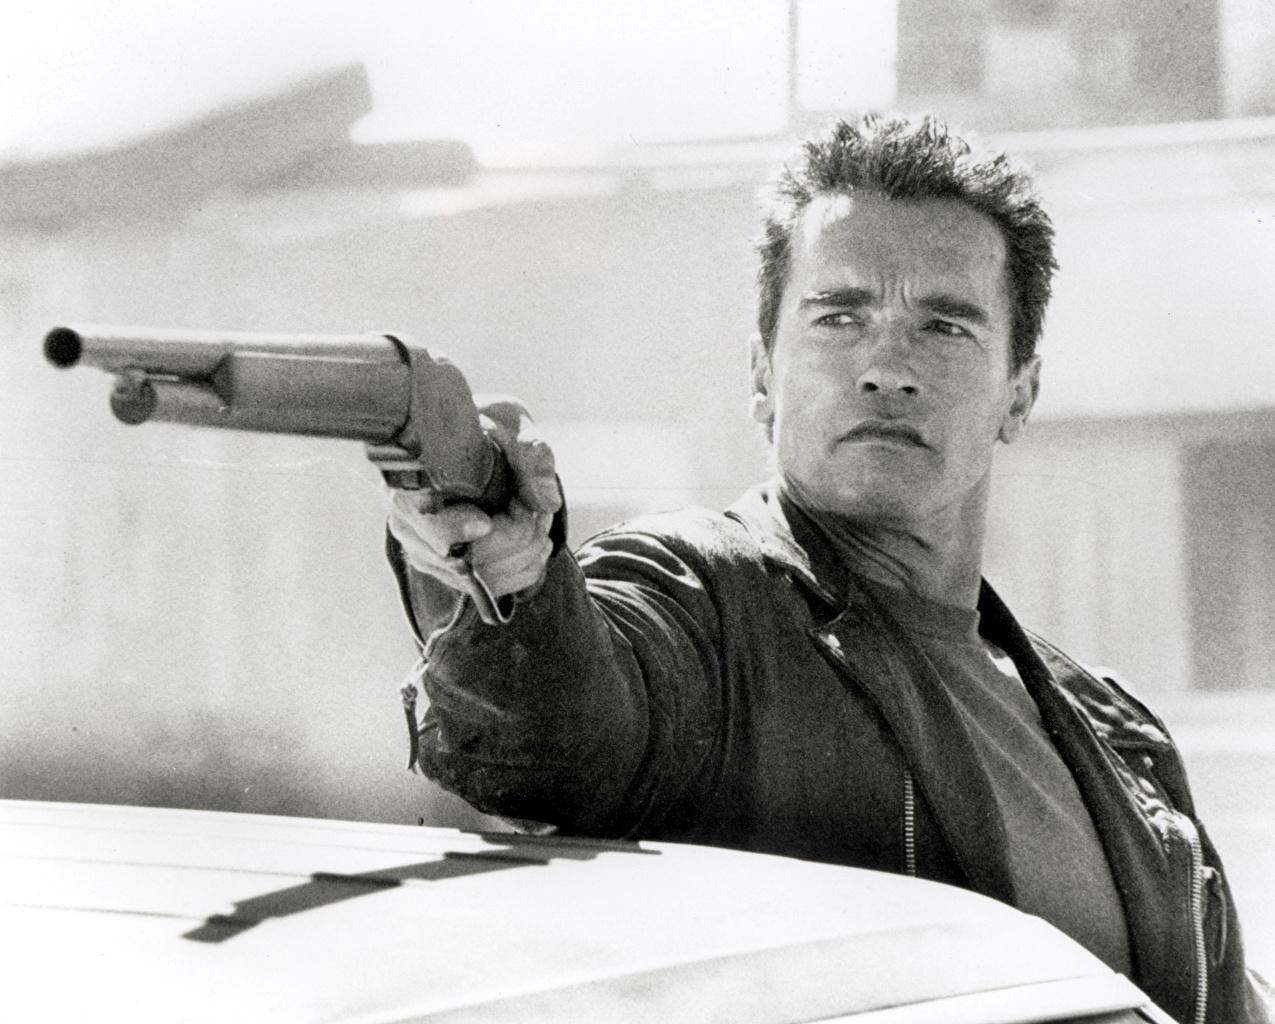 Foto Terminator 2: Judgment Day Arnold Schwarzenegger jachtgeweer een man Films Beroemdheden Hagelgeweer Mannen film